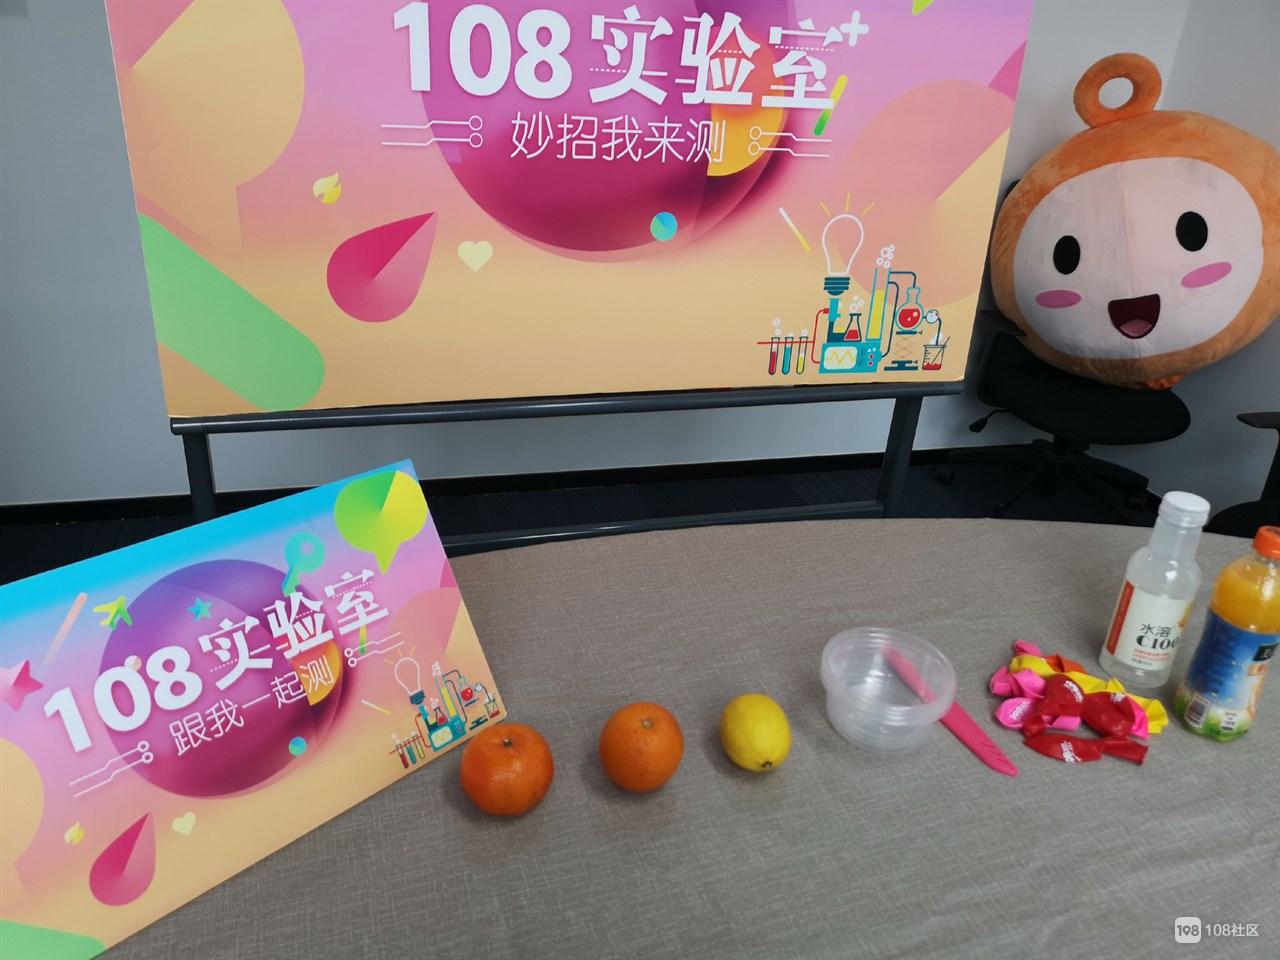 当心!吃个橙子能让气球爆炸,这真不是闹着玩的